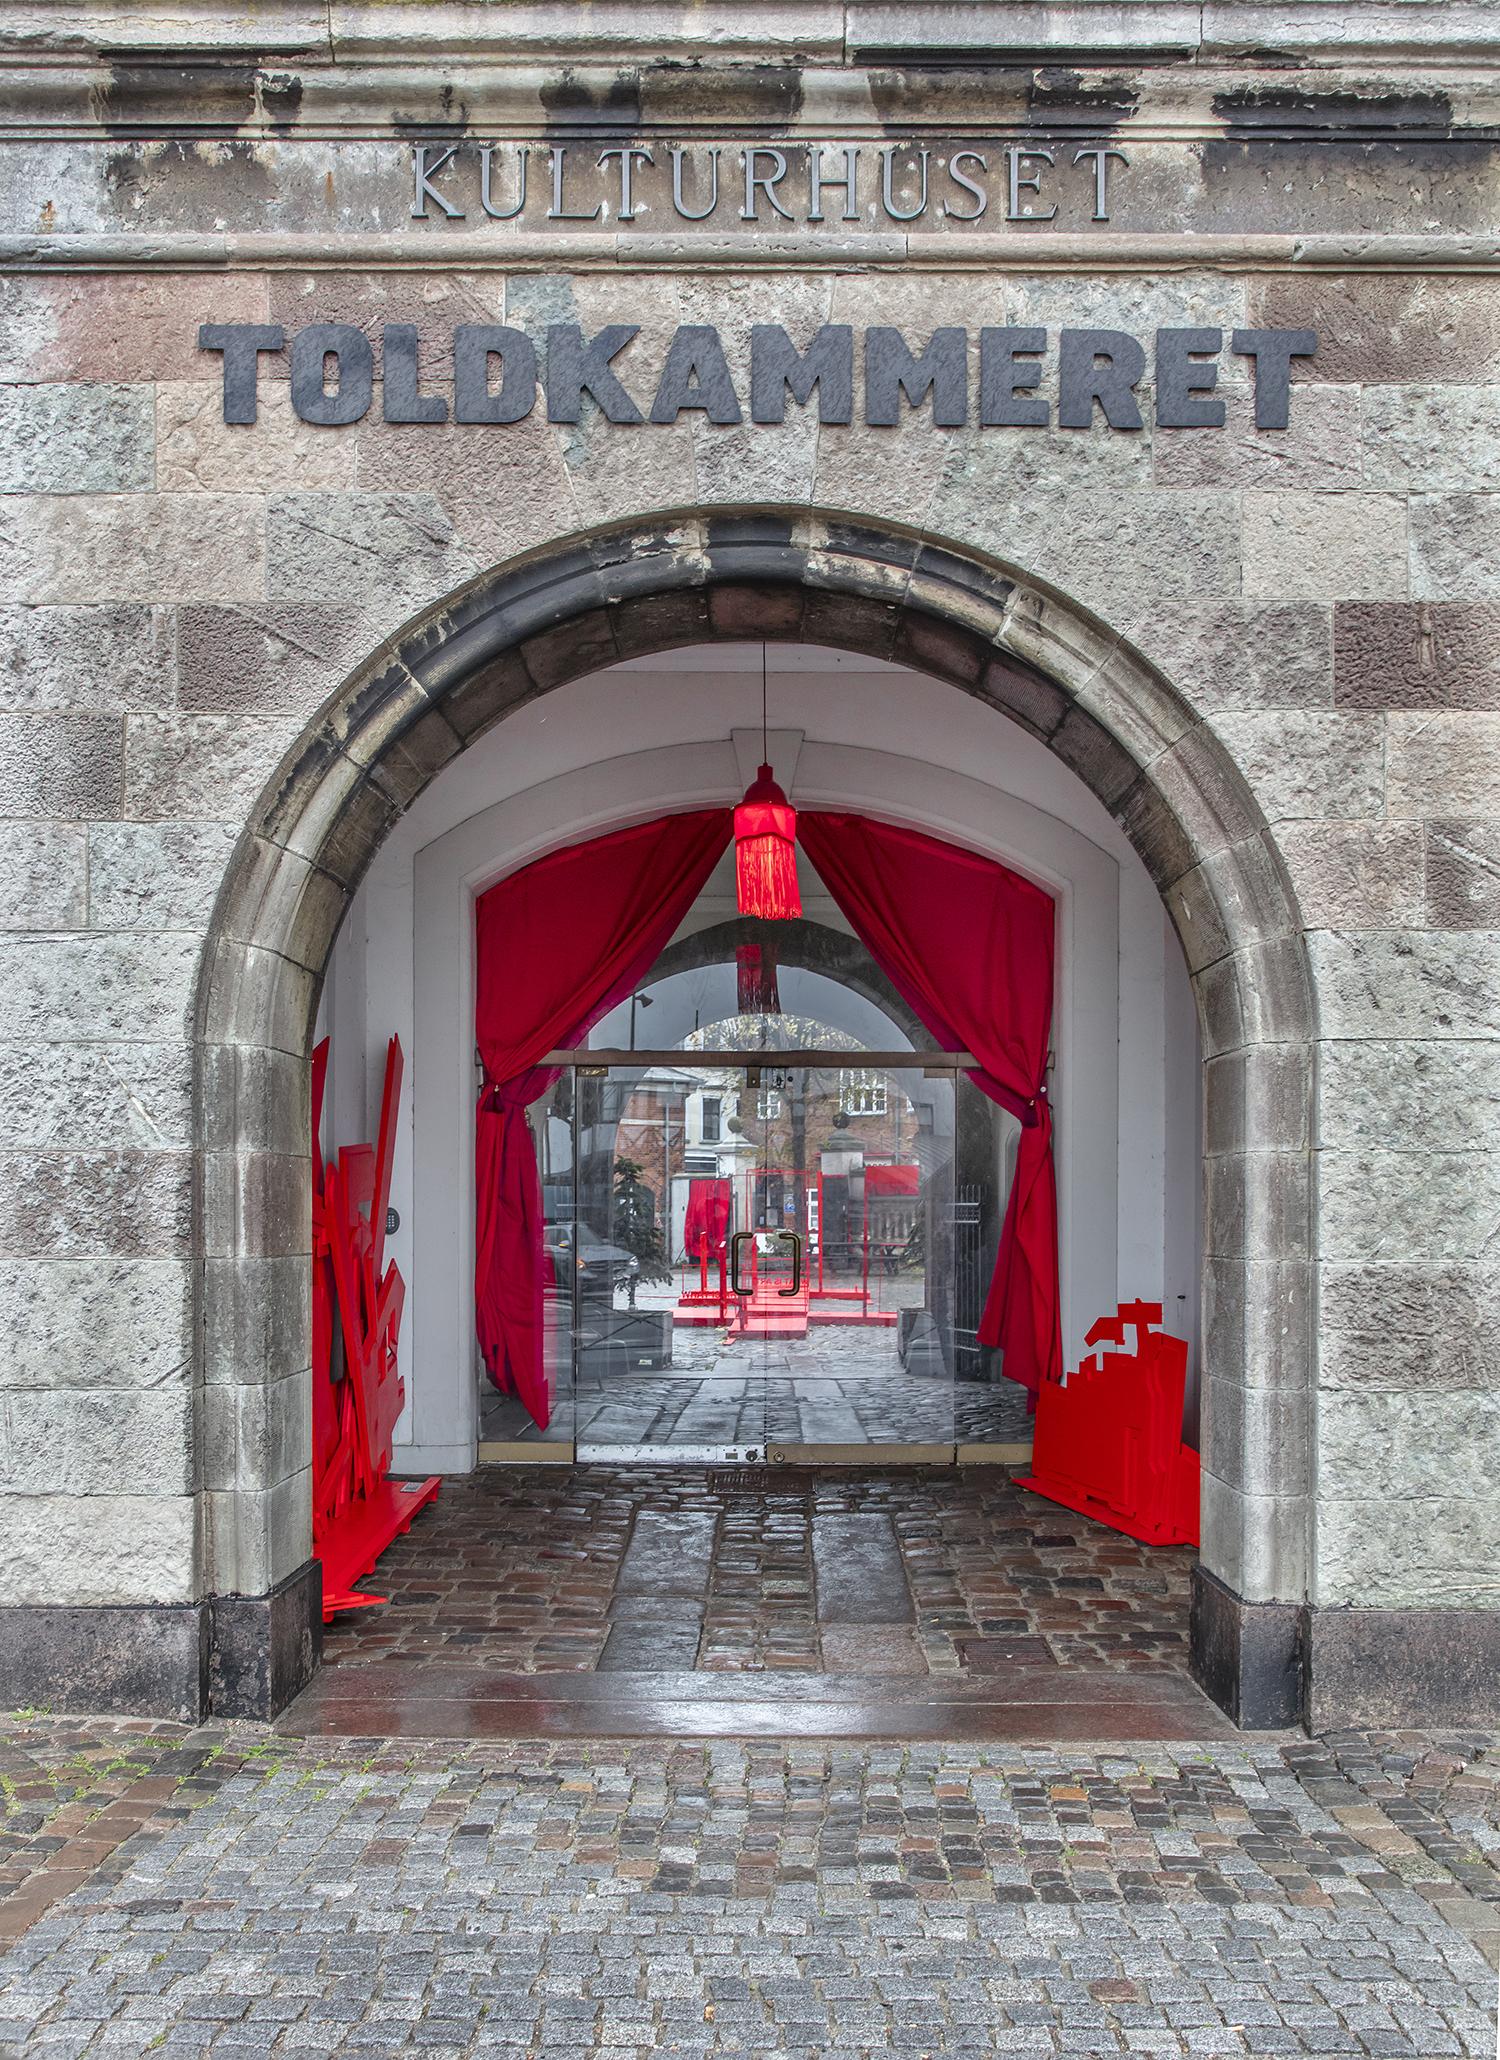 Anja Bache, Scenen er sat (Frontindgang, Toldkammeret, Nedslag 2). Foto: Ole Akhøj.